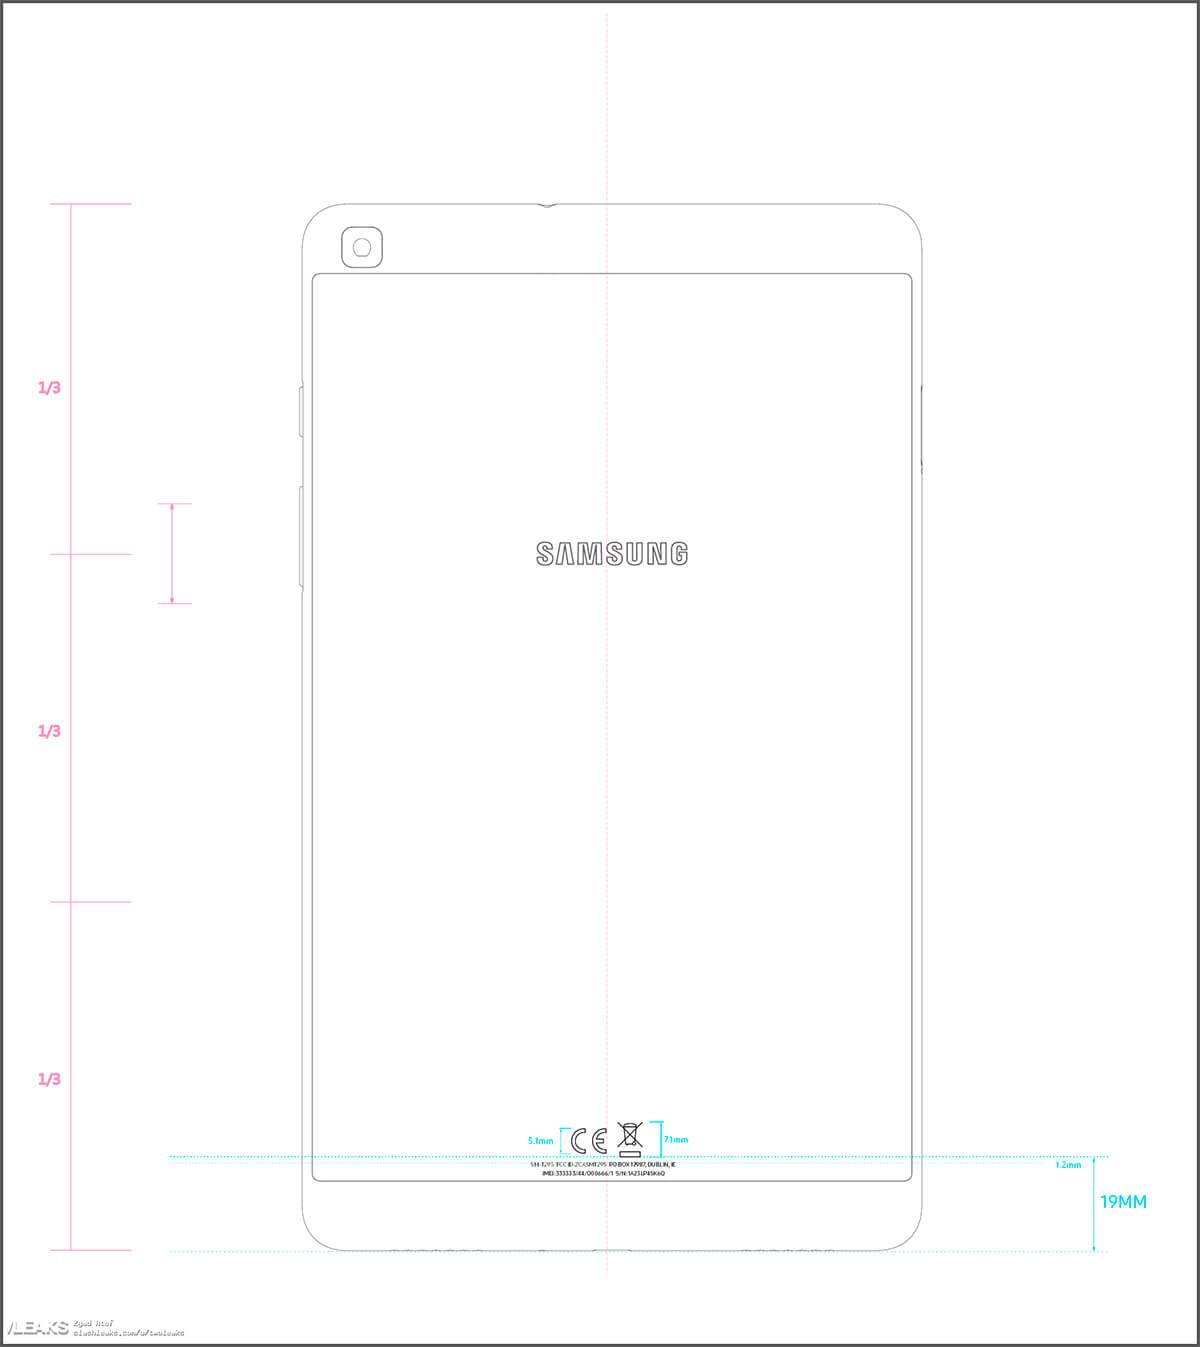 Samsung Galaxy Tab A 7.0 2019